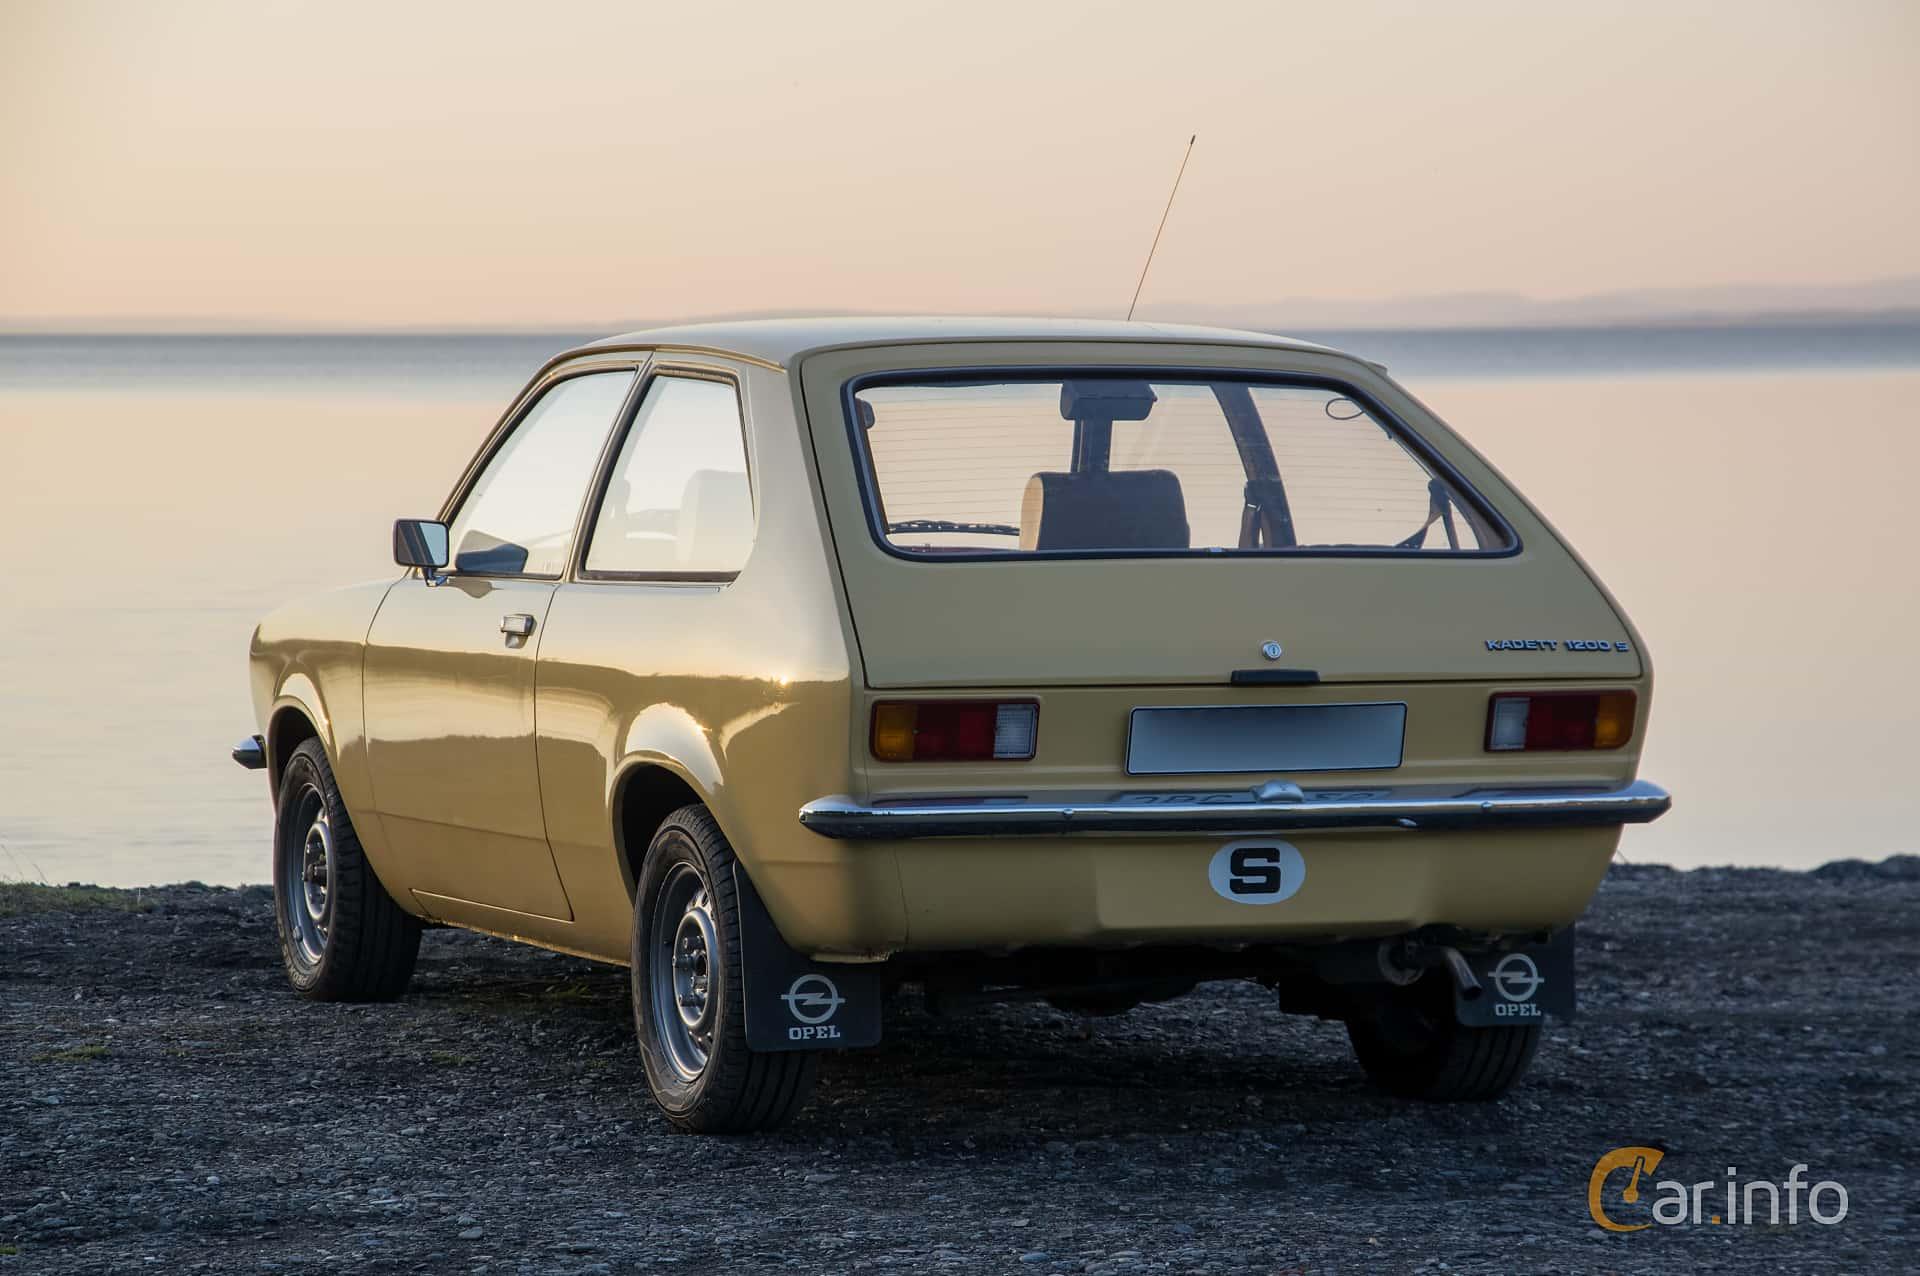 Opel Kadett 1200 S City 1.2 Manual, 60hp, 1976